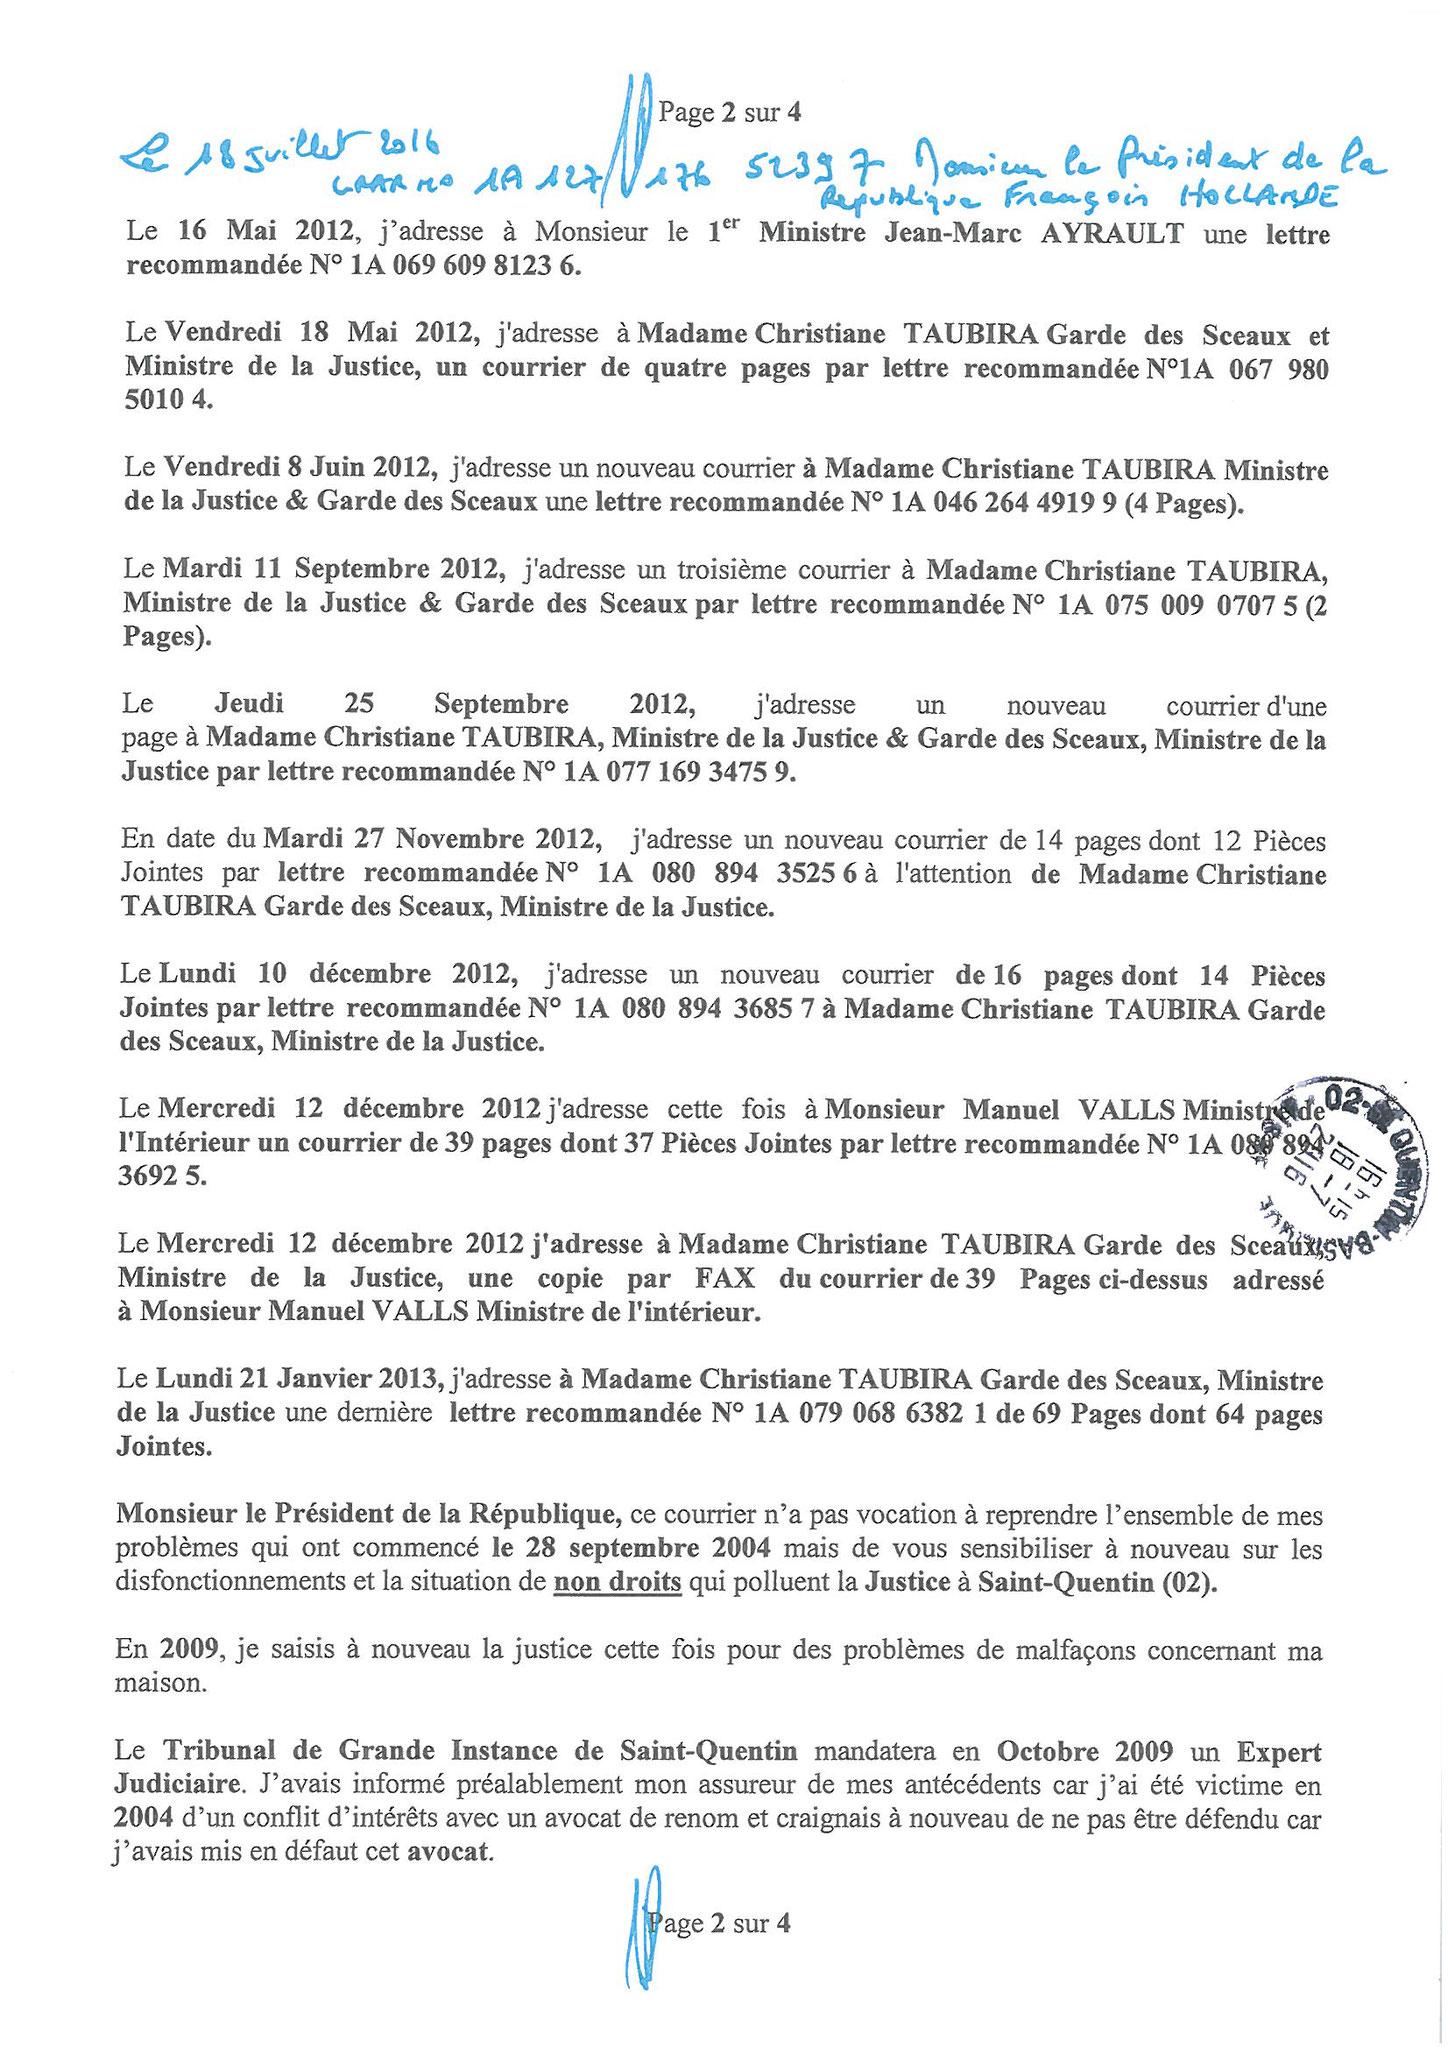 LRAR  du 18 Juillet 2016 à Monsieur François HOLLANDE Président de la République page 2 sur 4